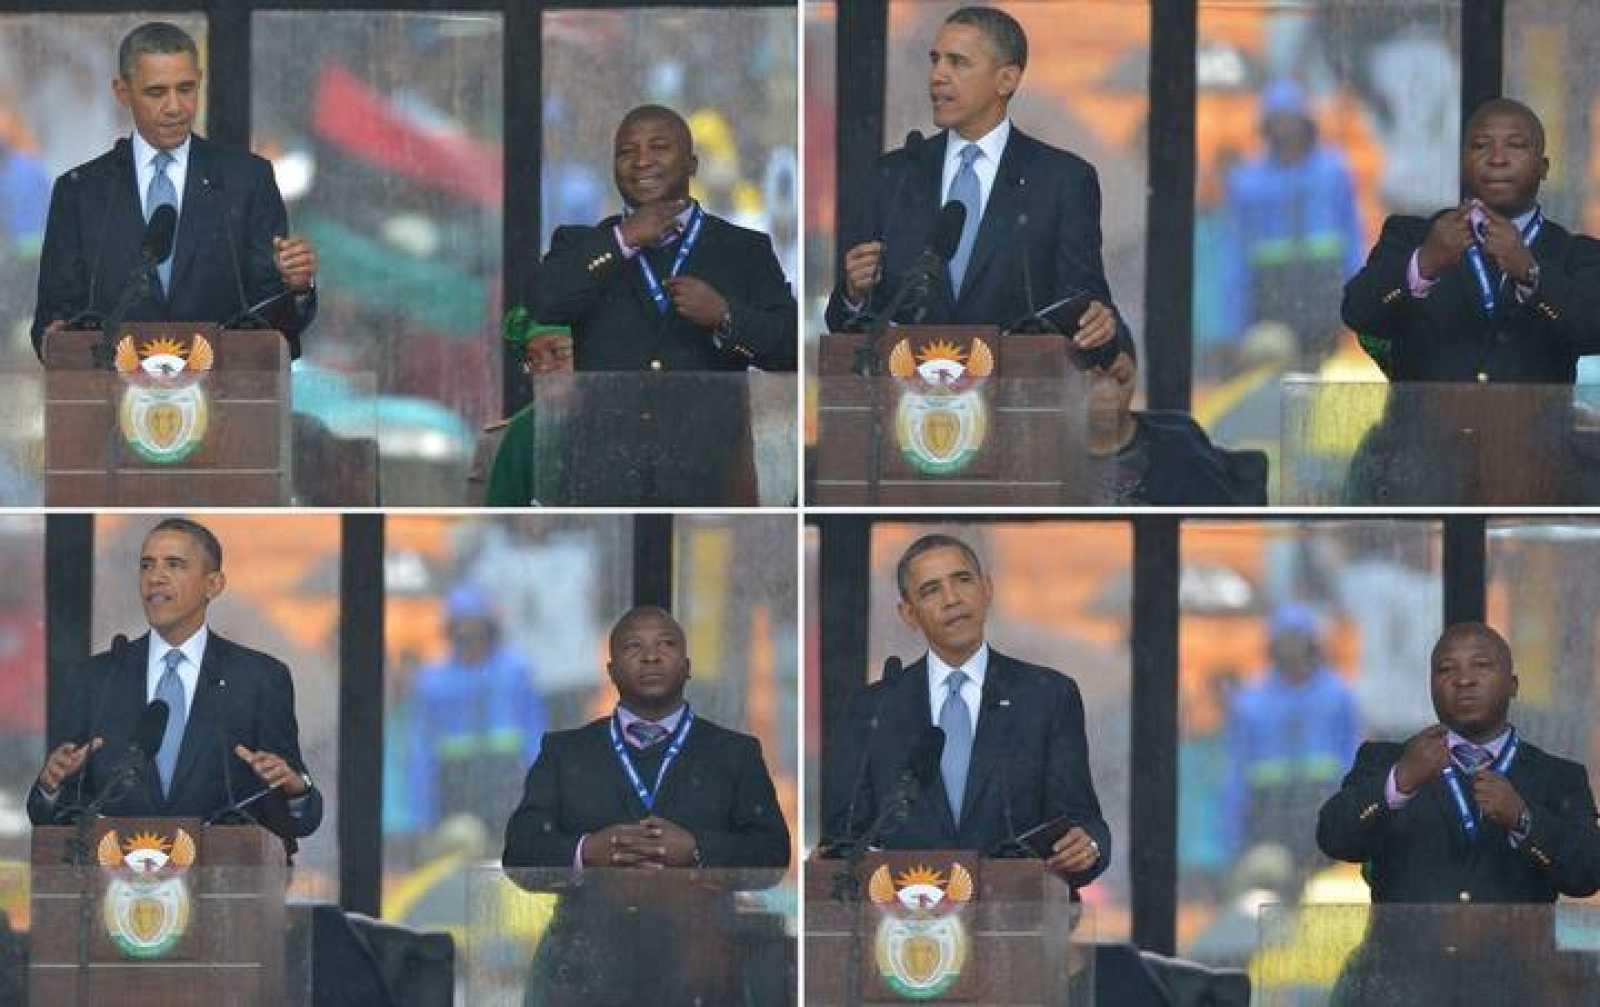 El presidente de EE.UU., Barack Obama, habla mientras el intérprete de signos le traduce en el memorial de Nelson Mandela